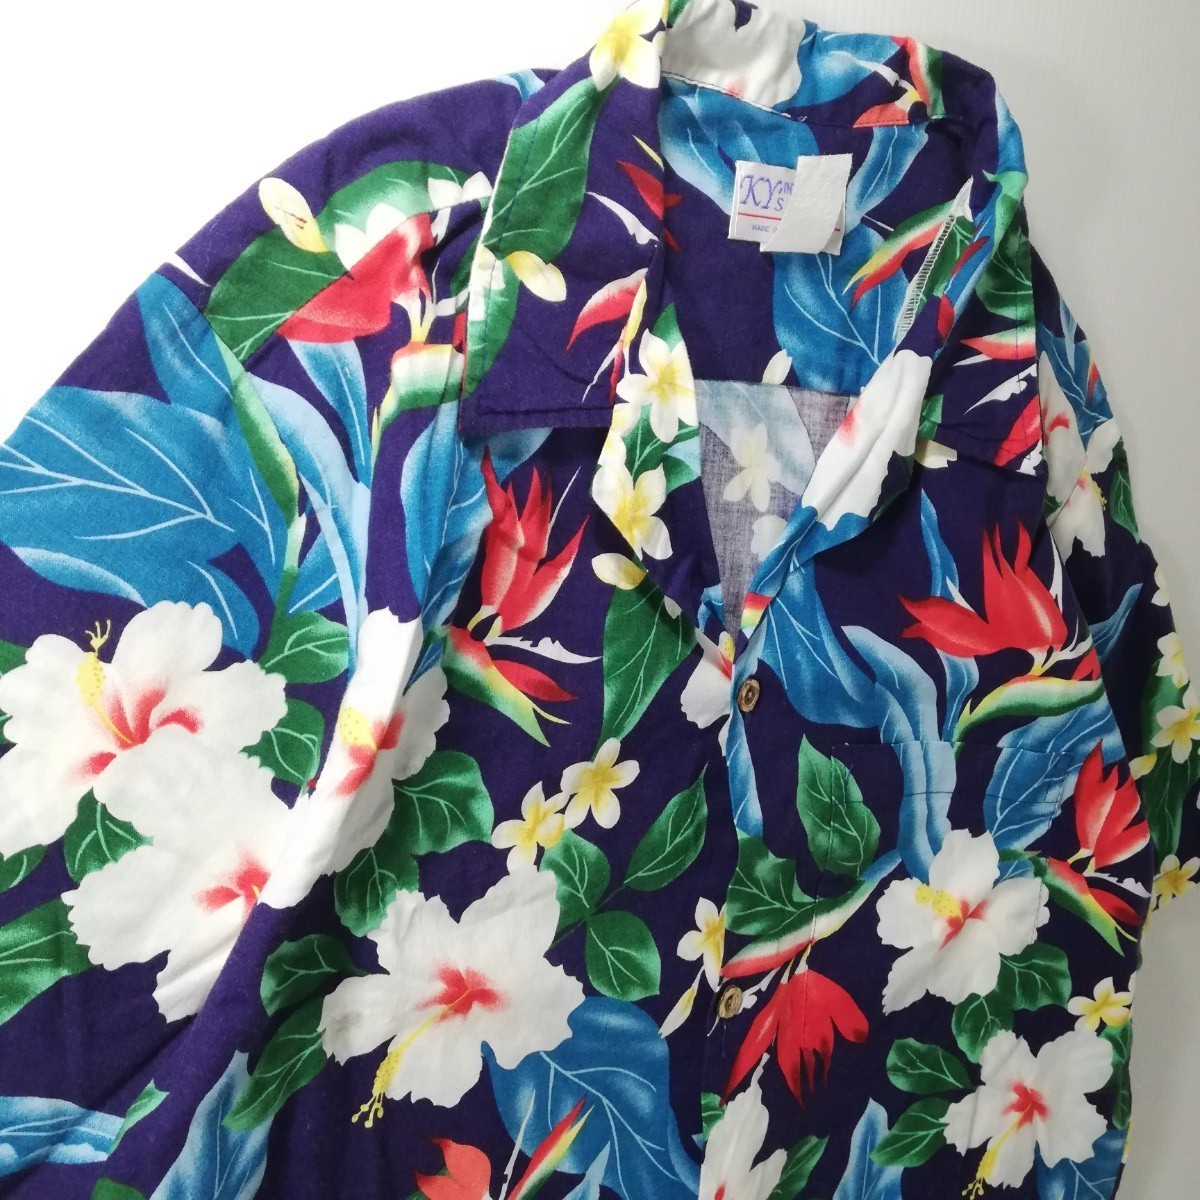 古着 アロハシャツ ビンテージ ハワイ製 ハイビスカス メンズ レディース